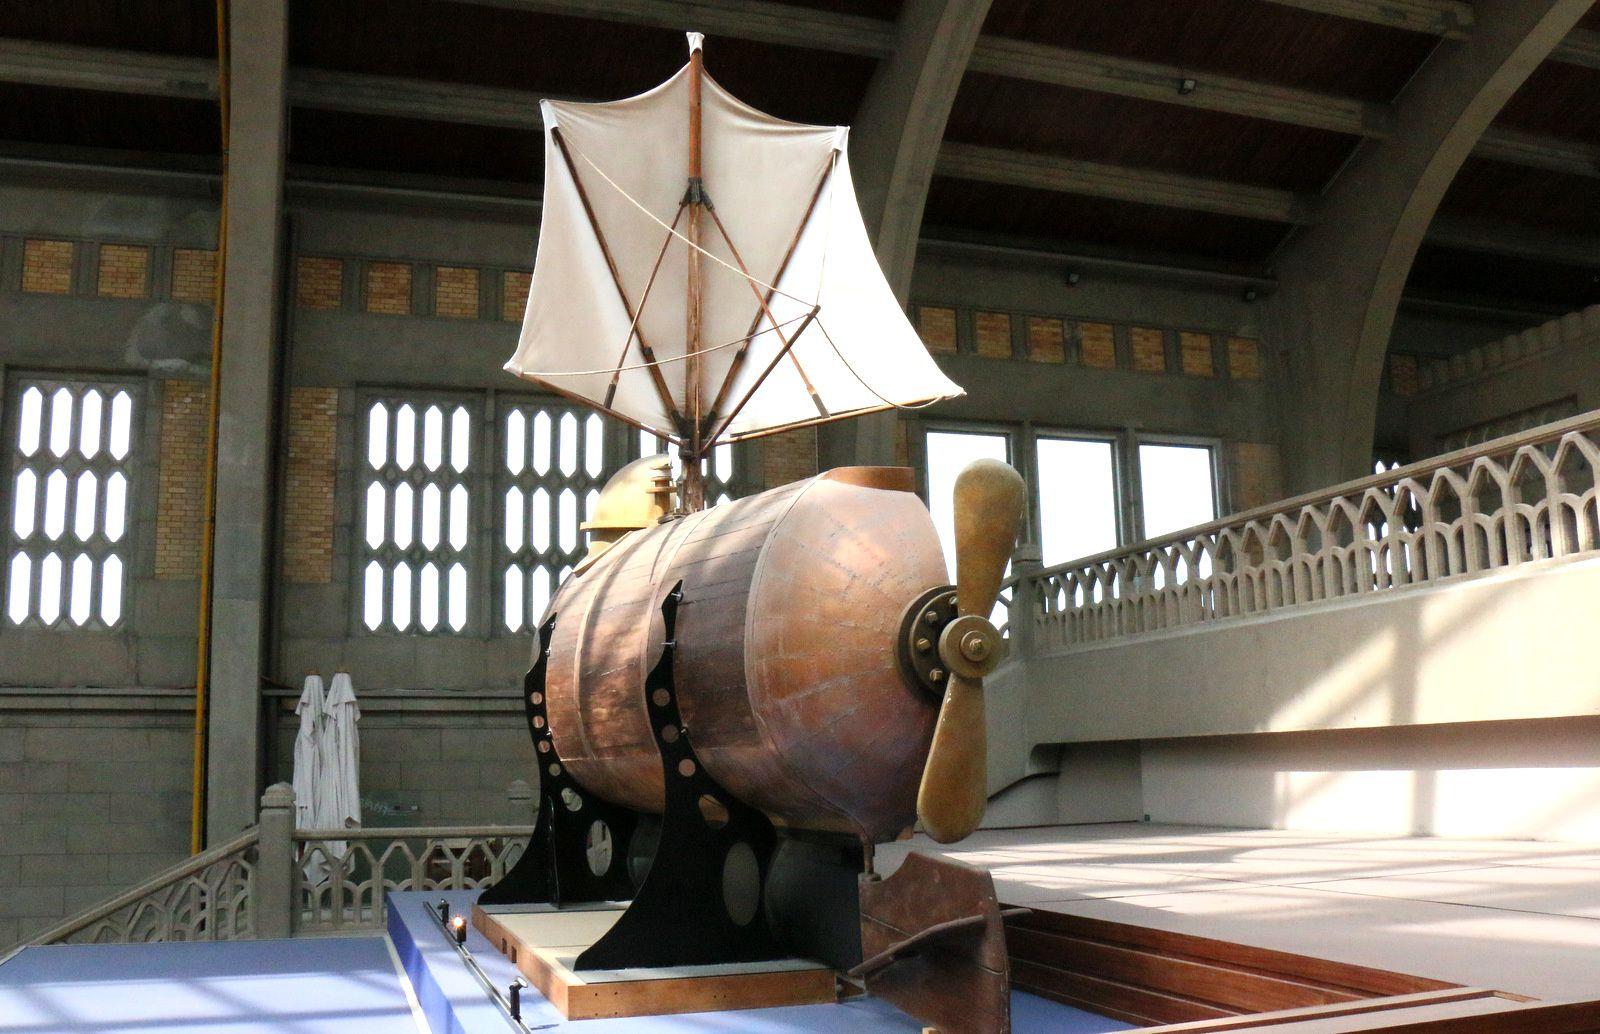 Bathyscaphe Nautilus de Fulton, Cité de la Mer à Cherbourg